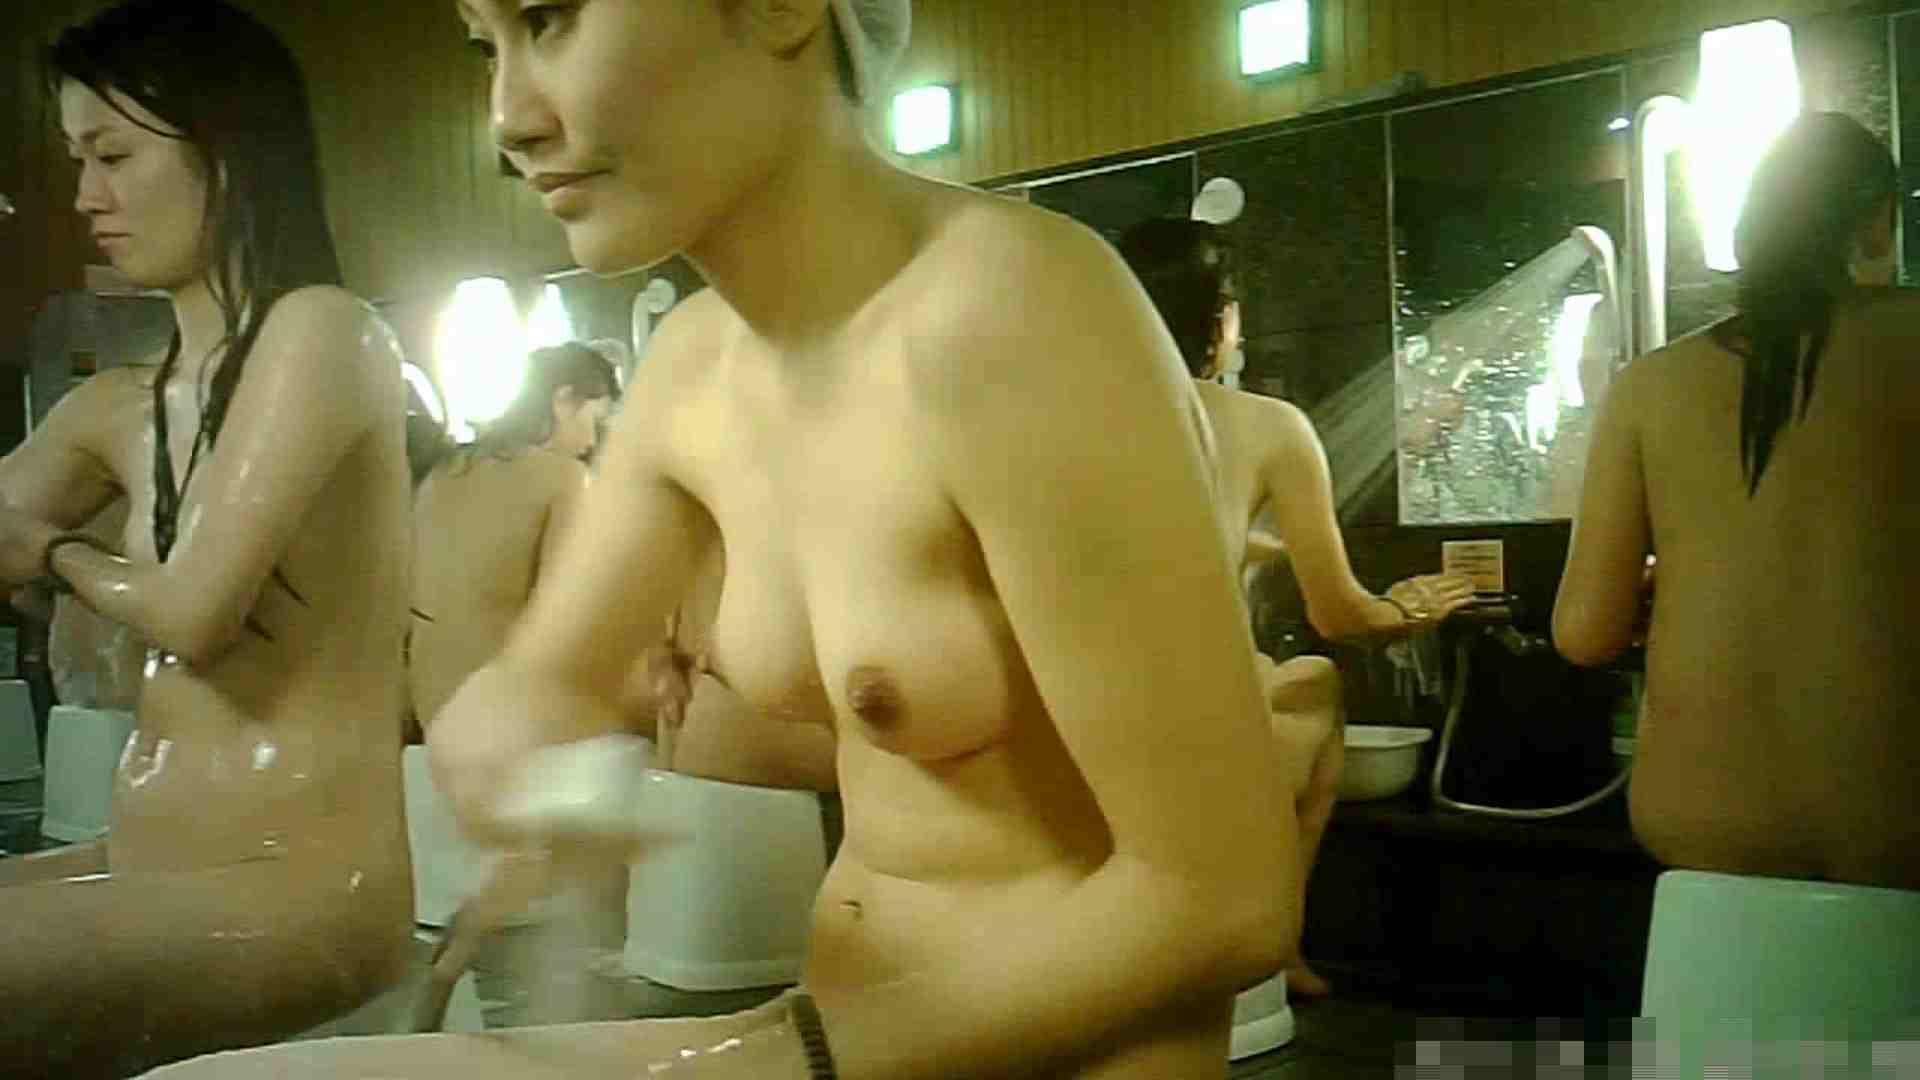 手を染めてしまった女性盗撮師の女風呂潜入記 vol.003 OLセックス 覗き性交動画流出 61画像 9